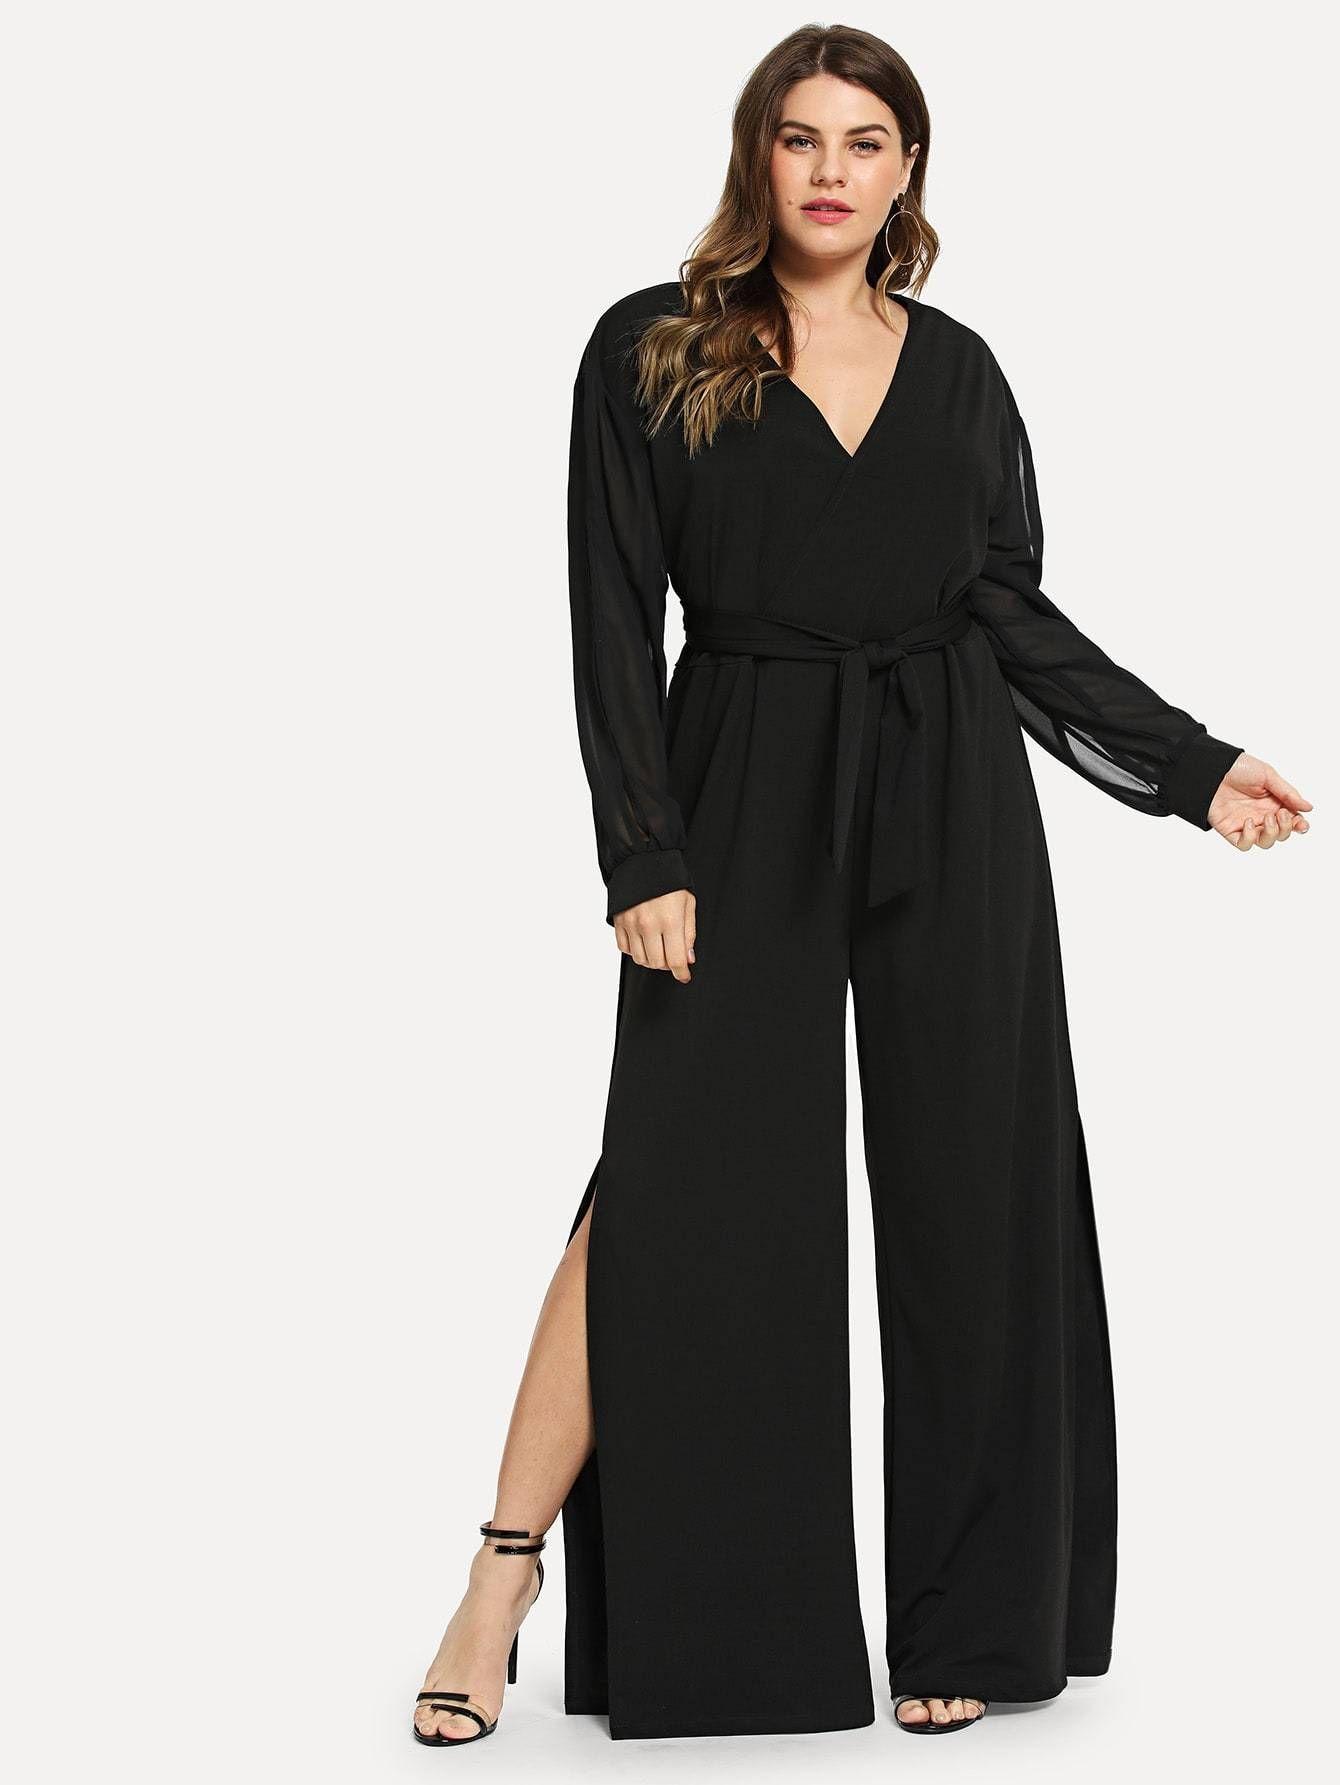 84da838d6 All Black Plus Size Jumpsuits